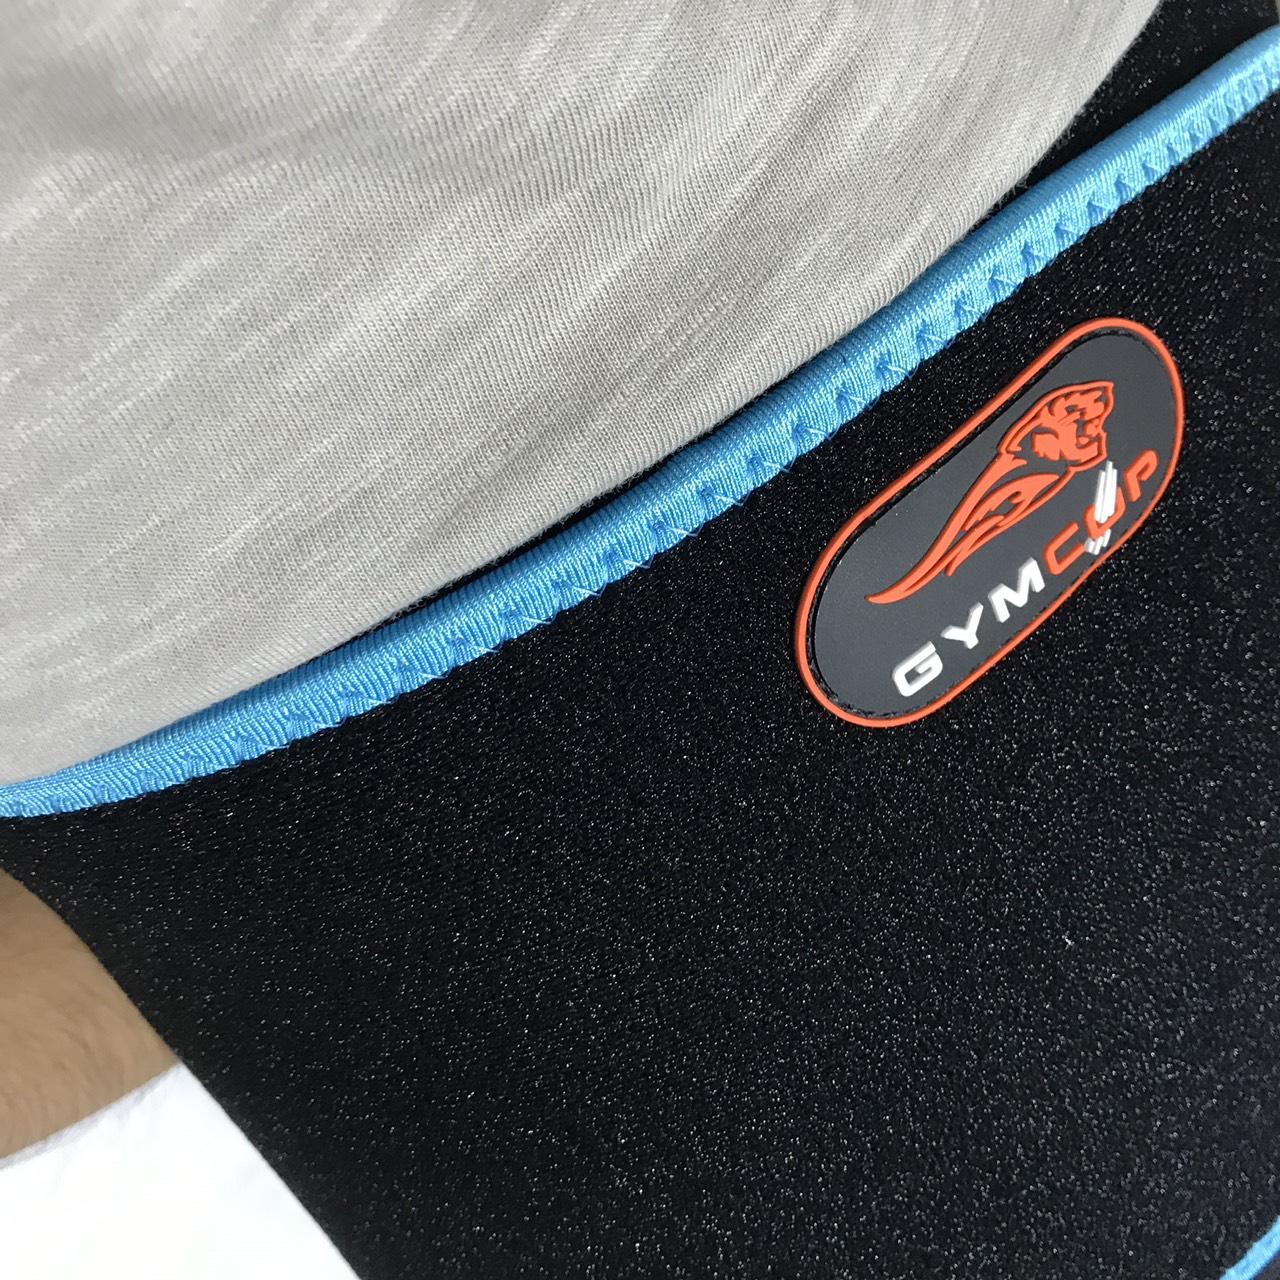 Quấn lưng dán 1 lớp loại mỏng viền xanh